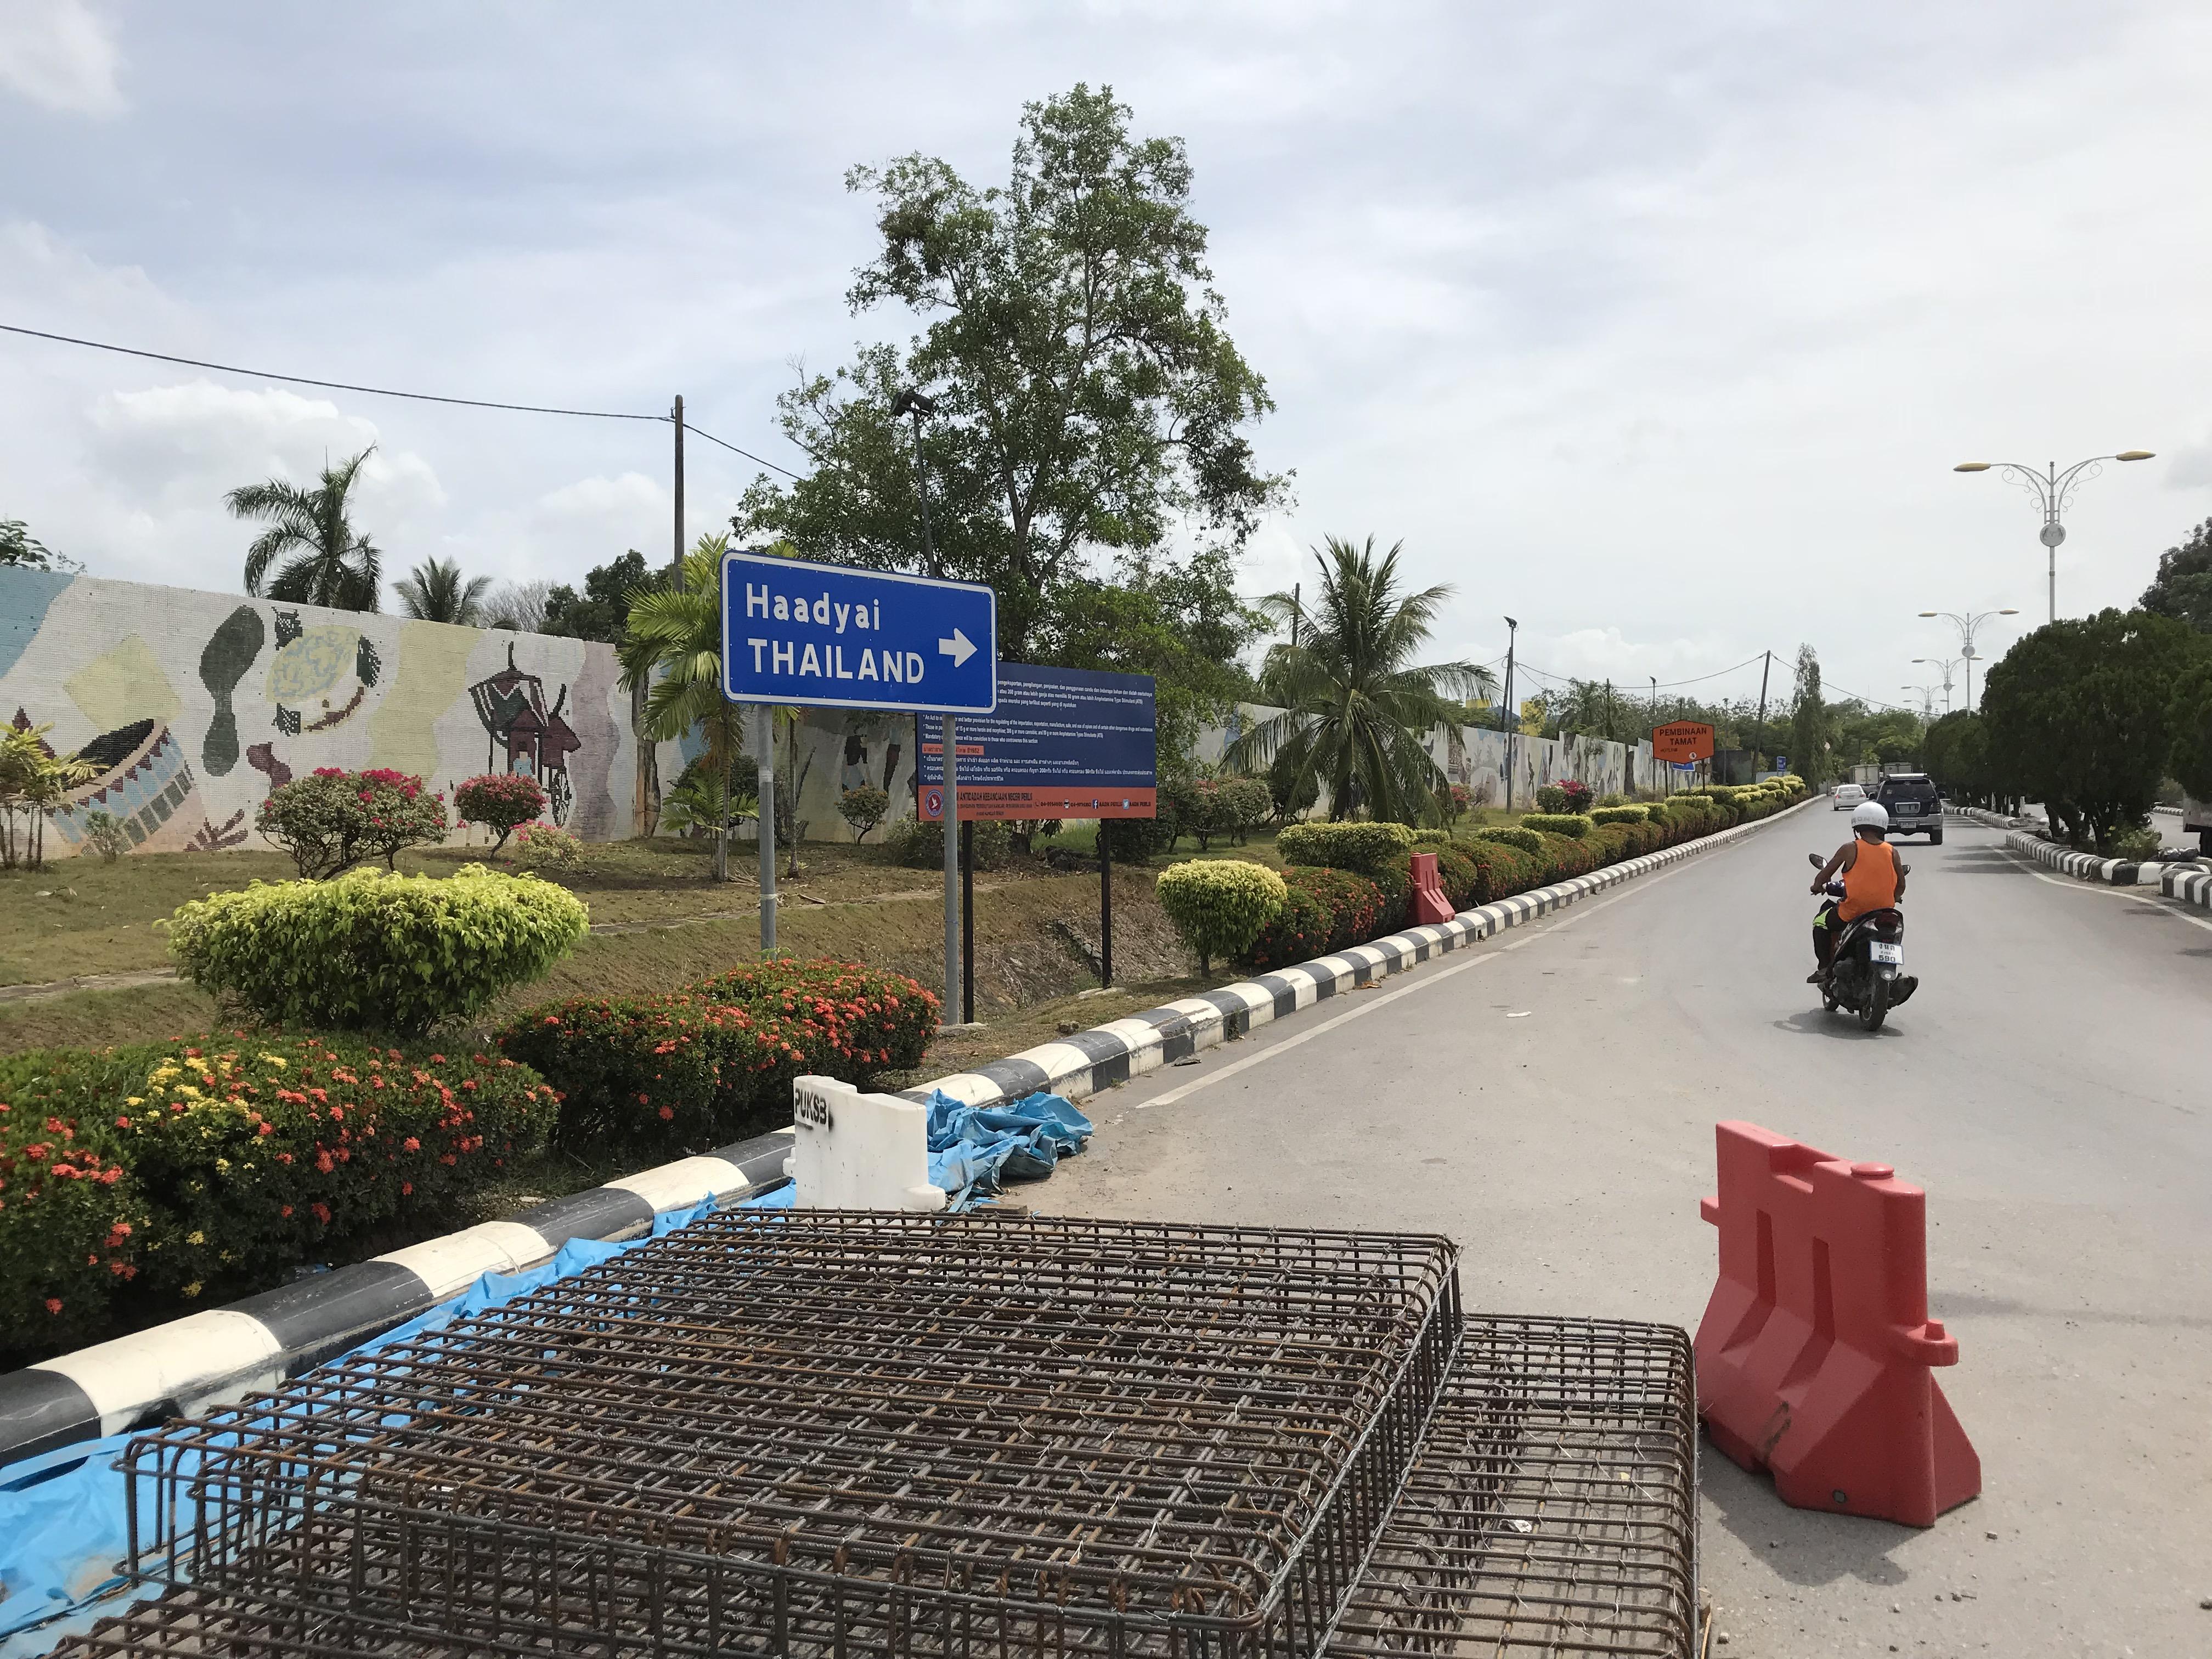 タイのイミグレに続く道